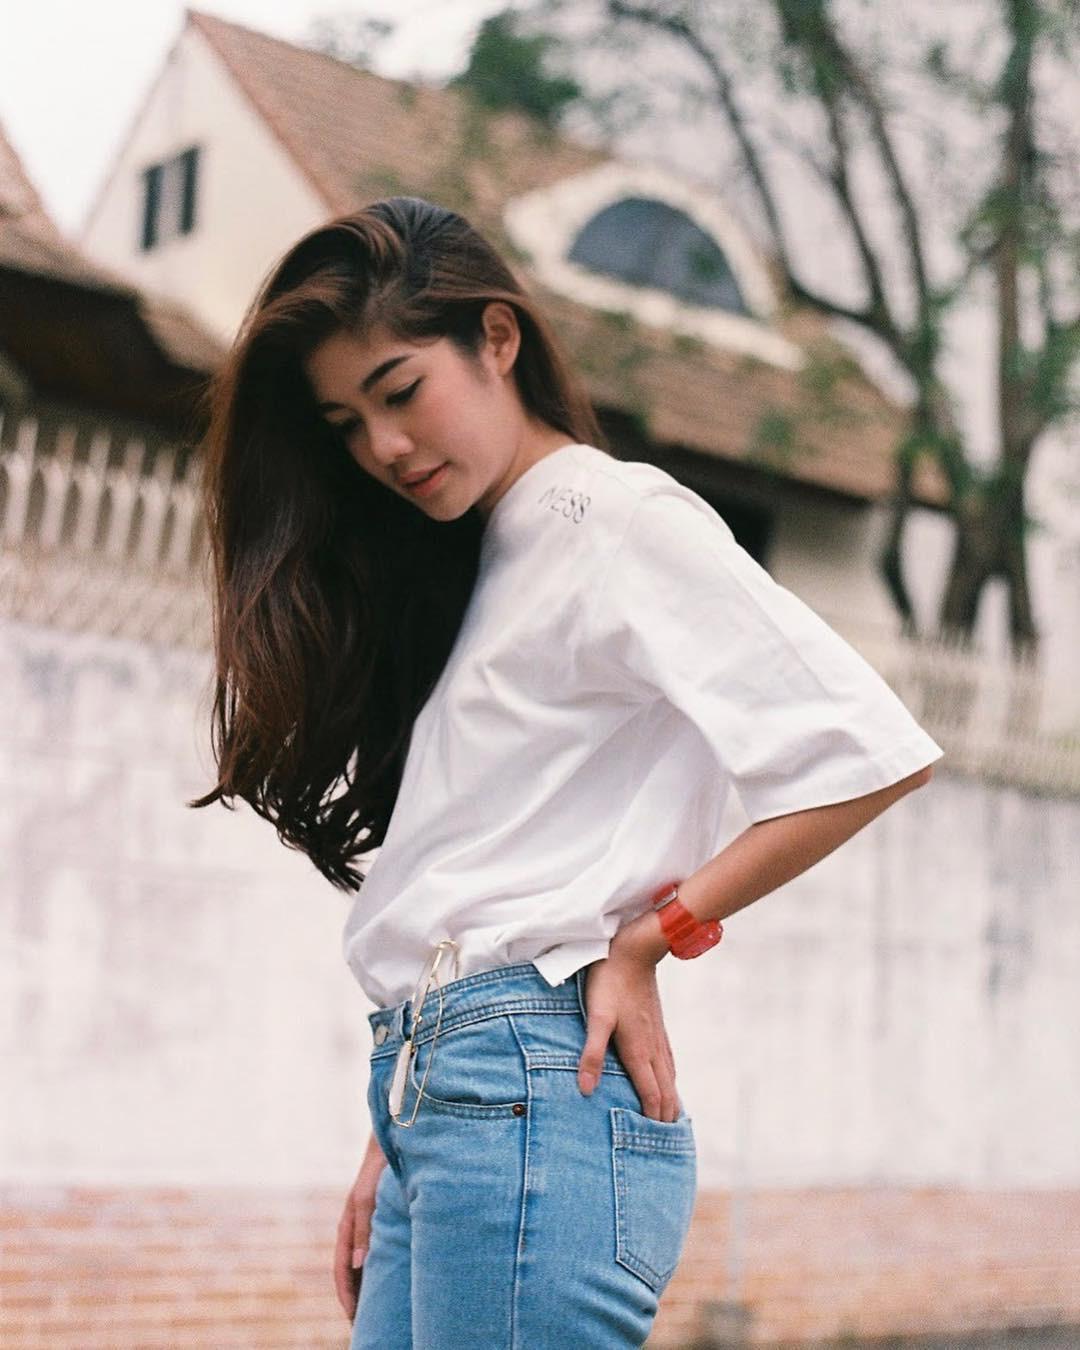 Thích áo phông, mặc nhiều là thế nhưng bạn có biết cách giữ cho chiếc áo của mình bền đẹp như mới - Ảnh 1.